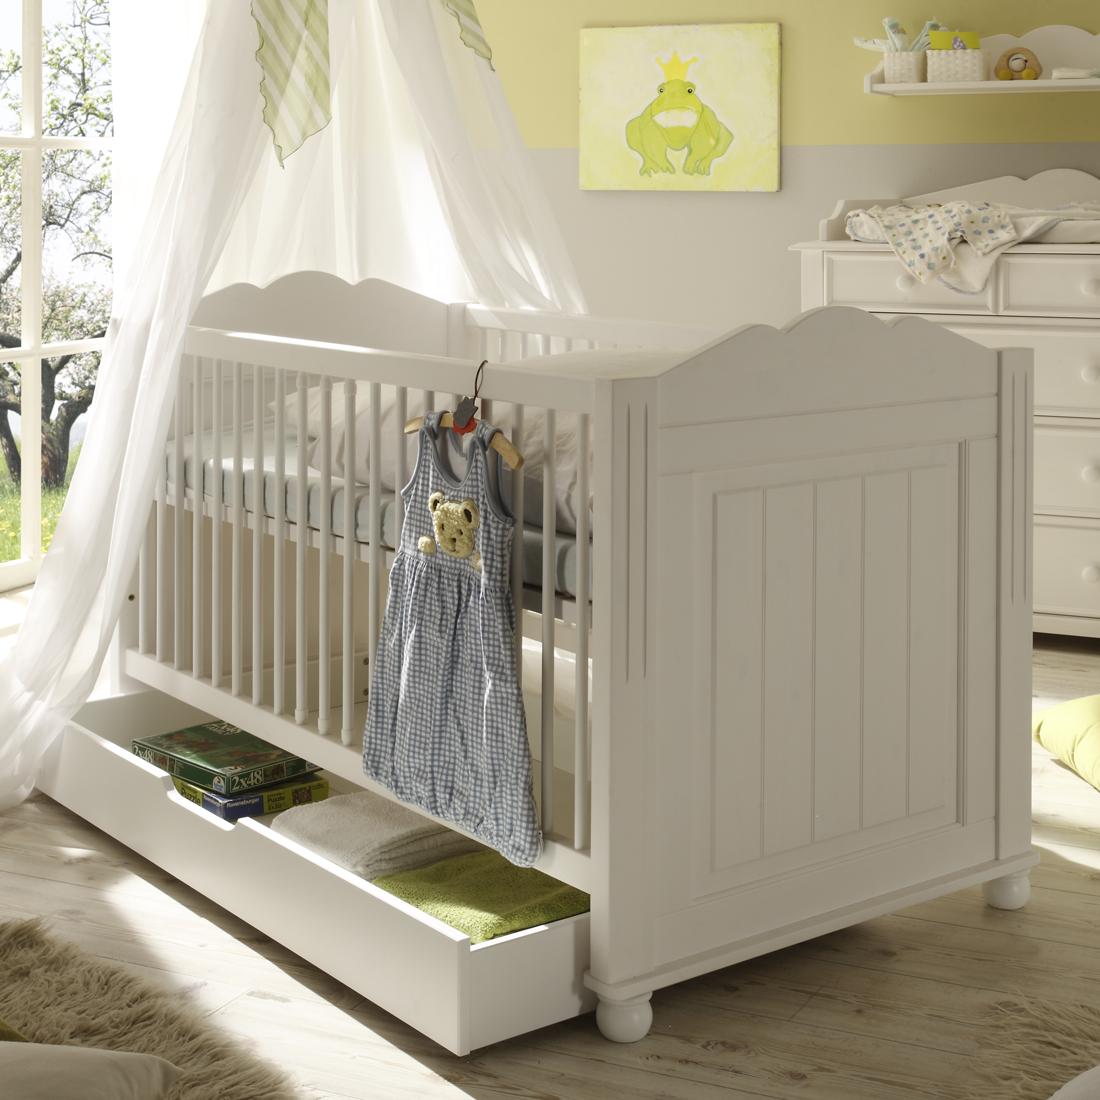 Patut din lemn de pin si pal, cu sertar pentru bebe Pallas Junior Alb, 140 x 70 cm poza